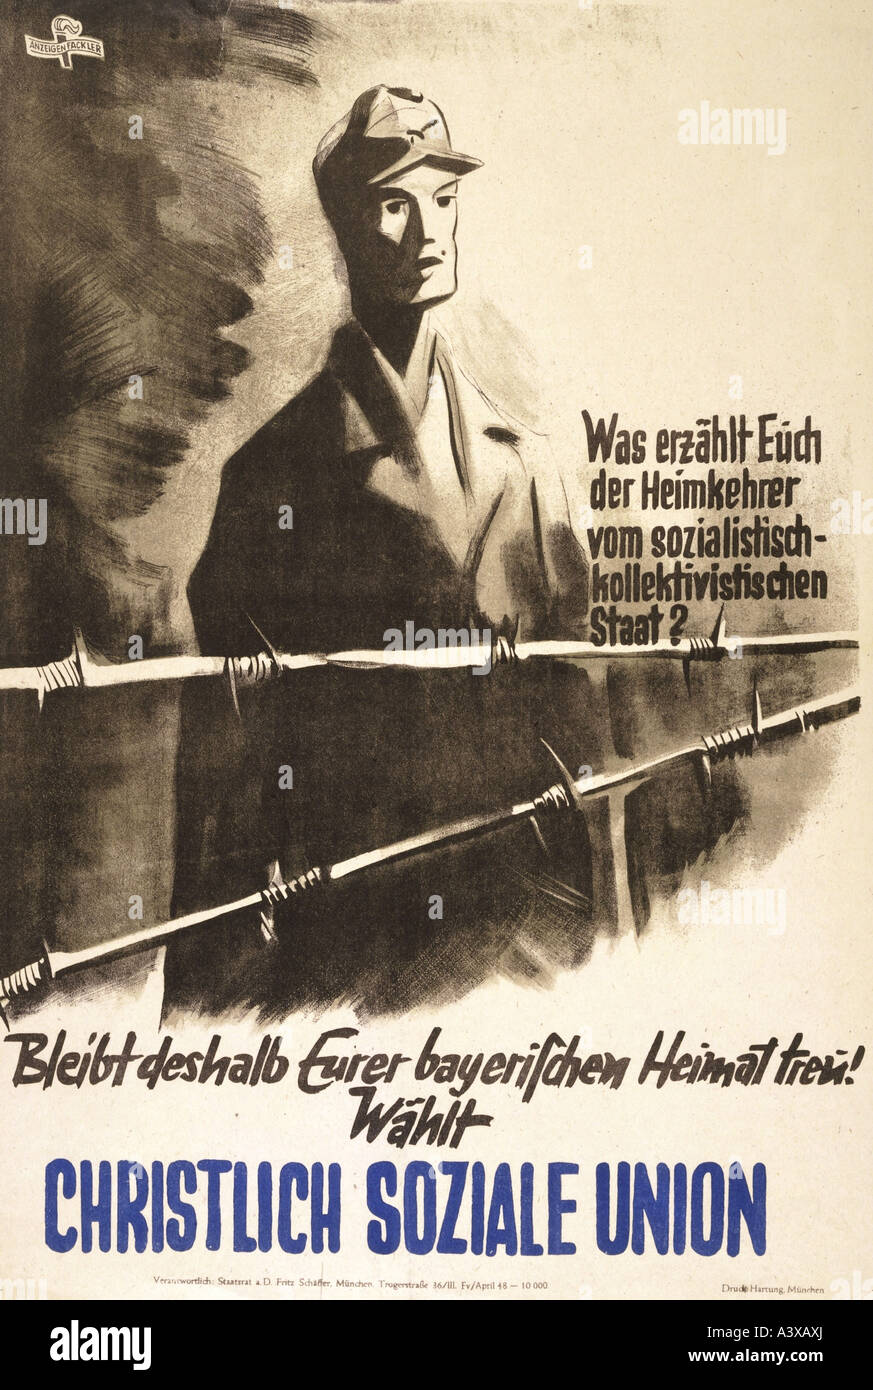 """geography/travel, Germany, politics, """"Wählt Christlich Soziale Union"""", Munich, 1948, poster, design by Anzeigen Stock Photo"""